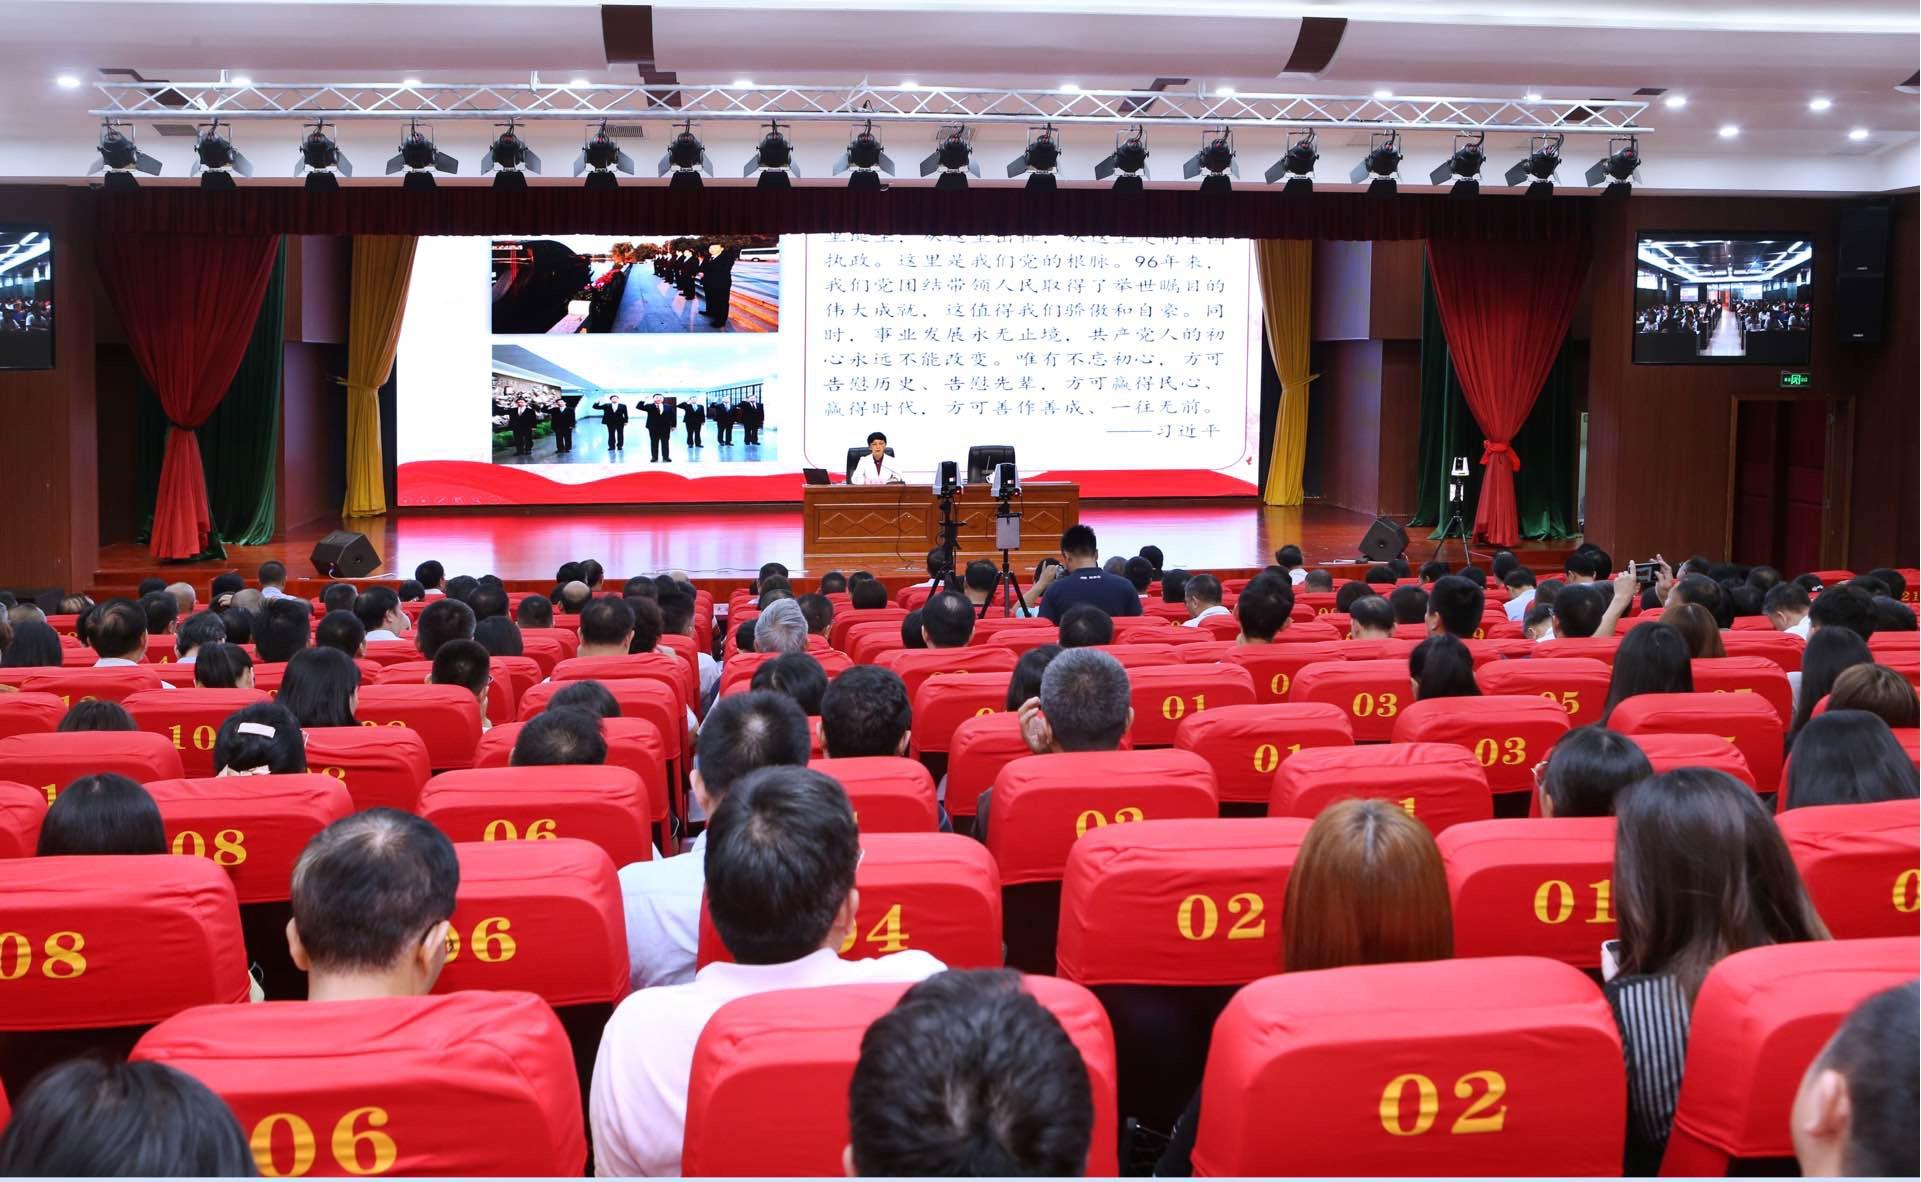 李红梅为两万师生同上一堂思政课